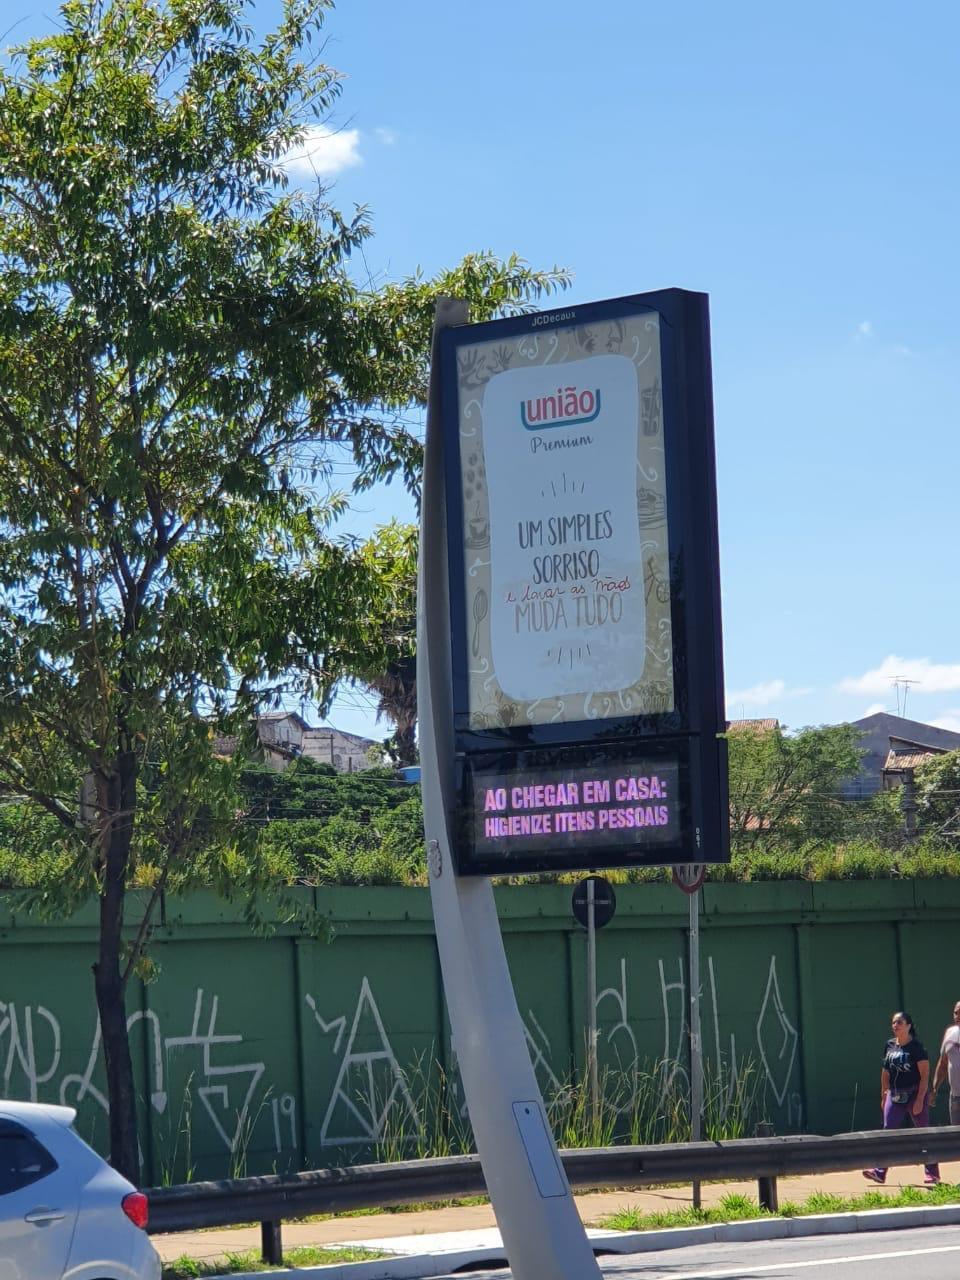 Em período de quarentena, UNIÃO reforça pedido para permanência em casa com campanha em relógios de rua em  São Paulo